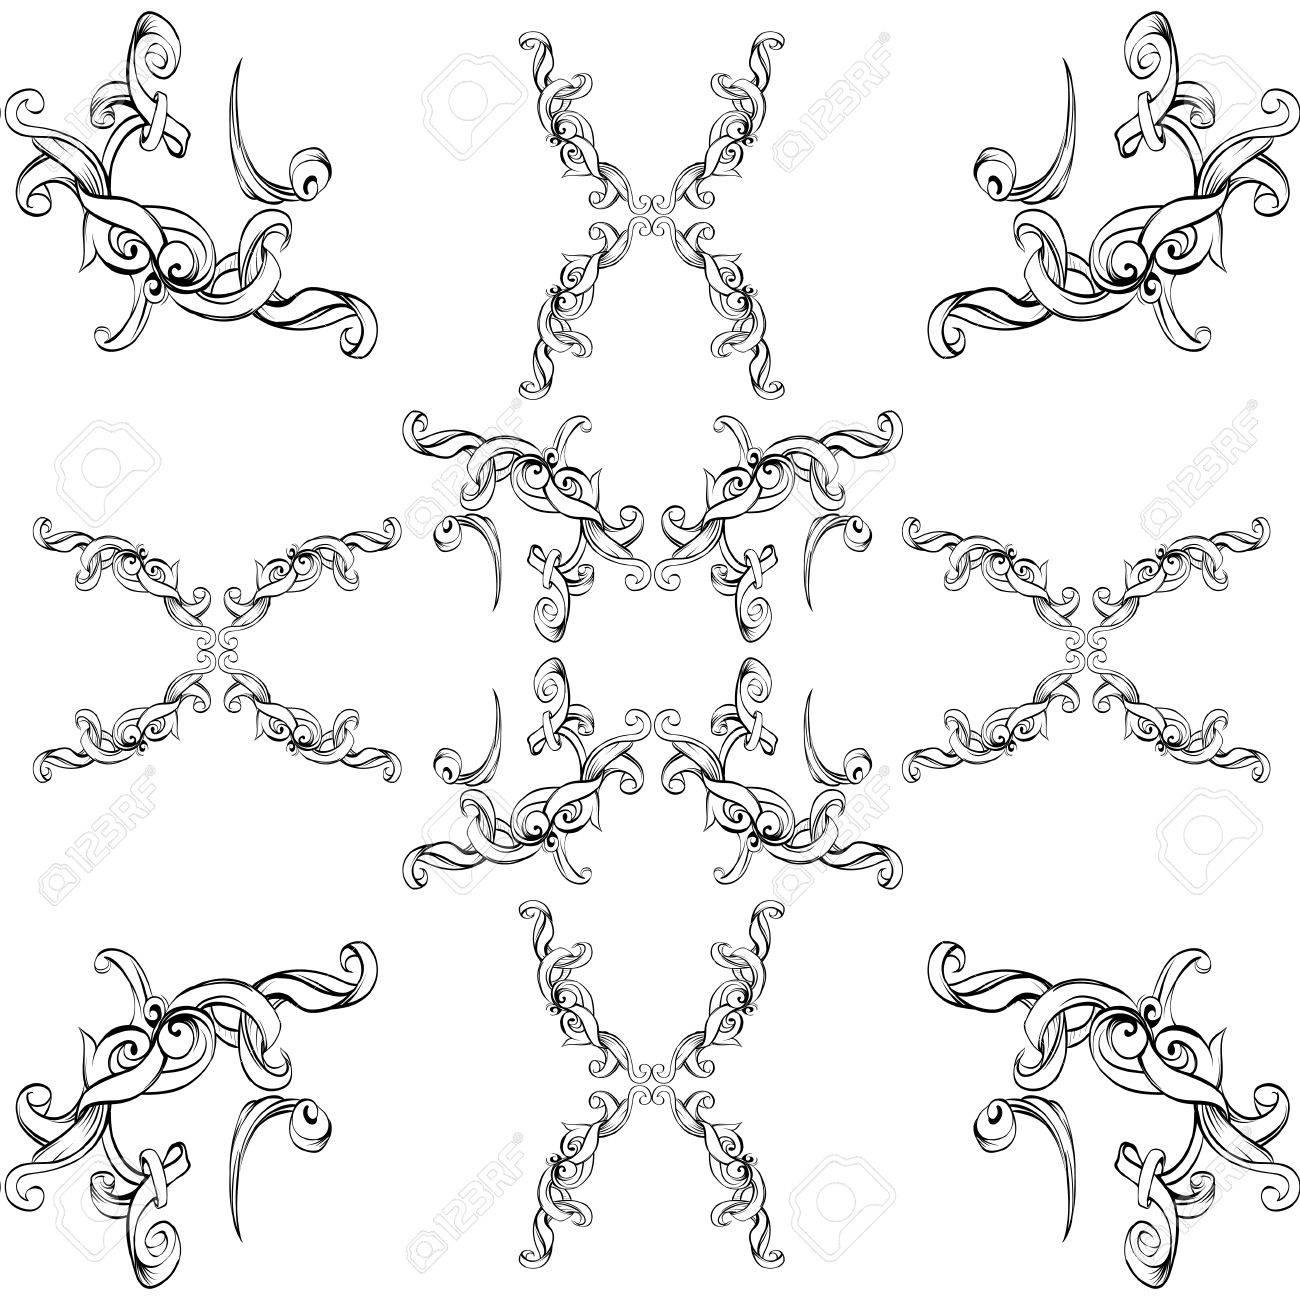 Cornici Disegno Bianco E Nero.Disegno A Mano Cornice D Epoca Elementi Barocchi Per La Pubblicita In Stile Vintage Ornamento Per Inquadrare Il Logo O Il Testo Elenco A Scorrimento